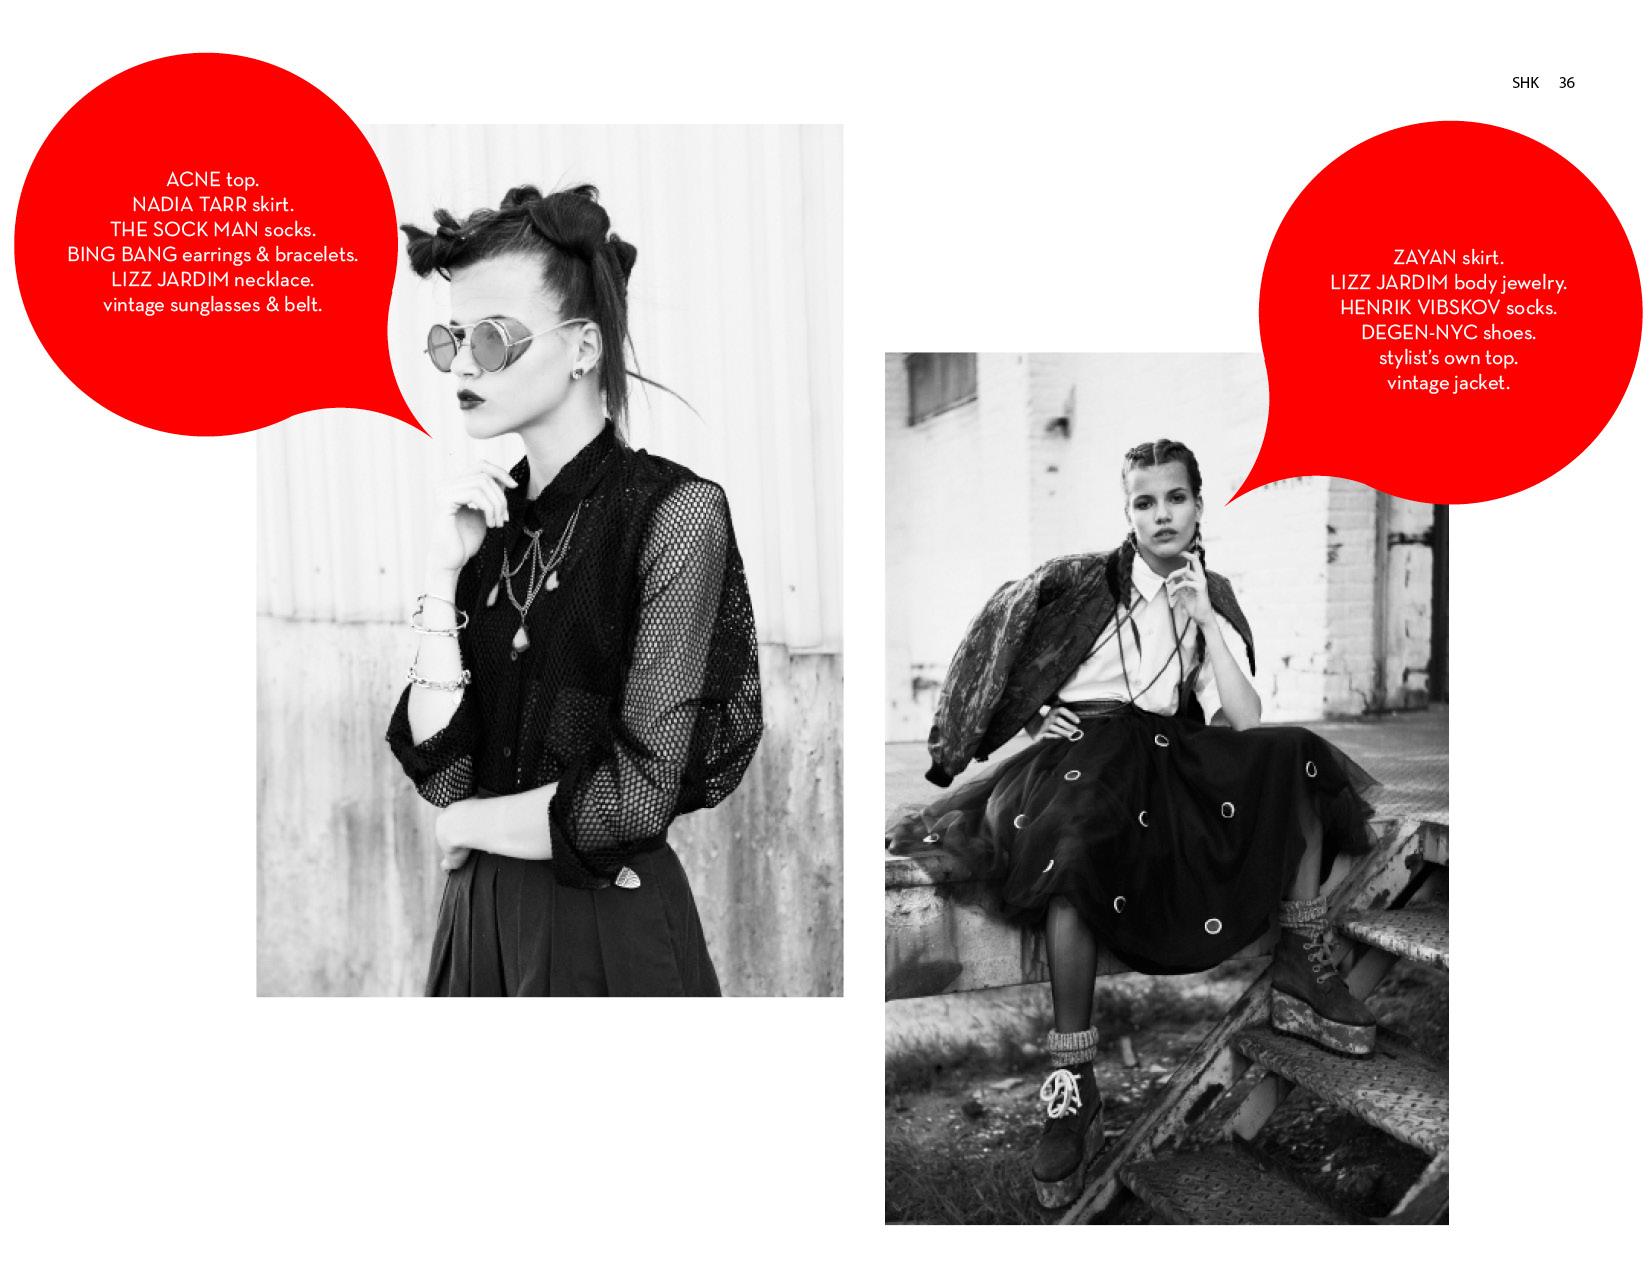 SHK-Summer-Issue-Summer-Needs-No-Explaination-201336.jpg